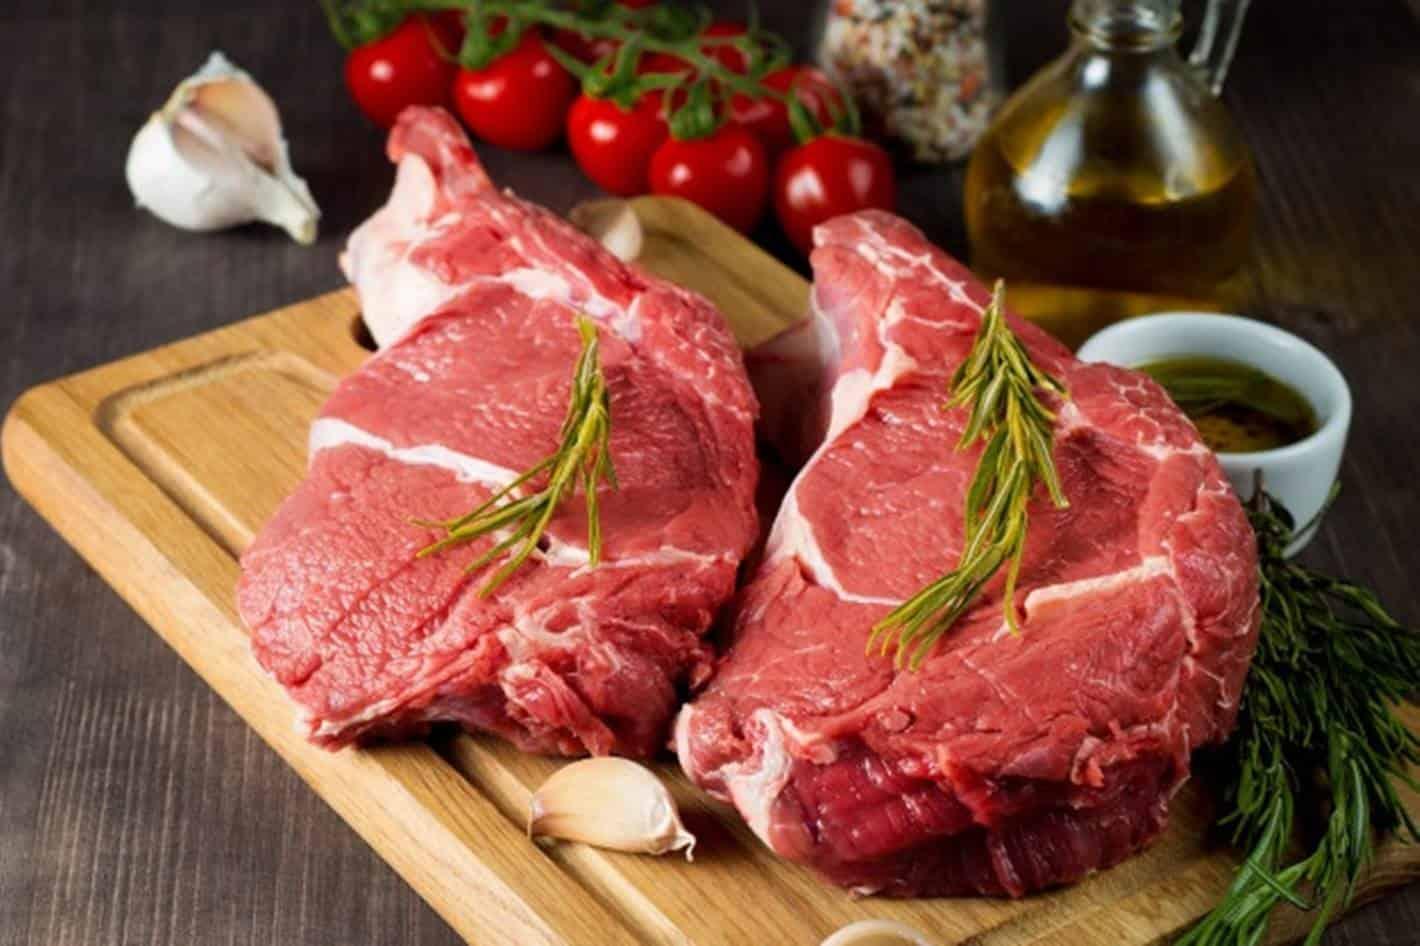 3 truques infalíveis para amaciar a carne antes de cozinhar